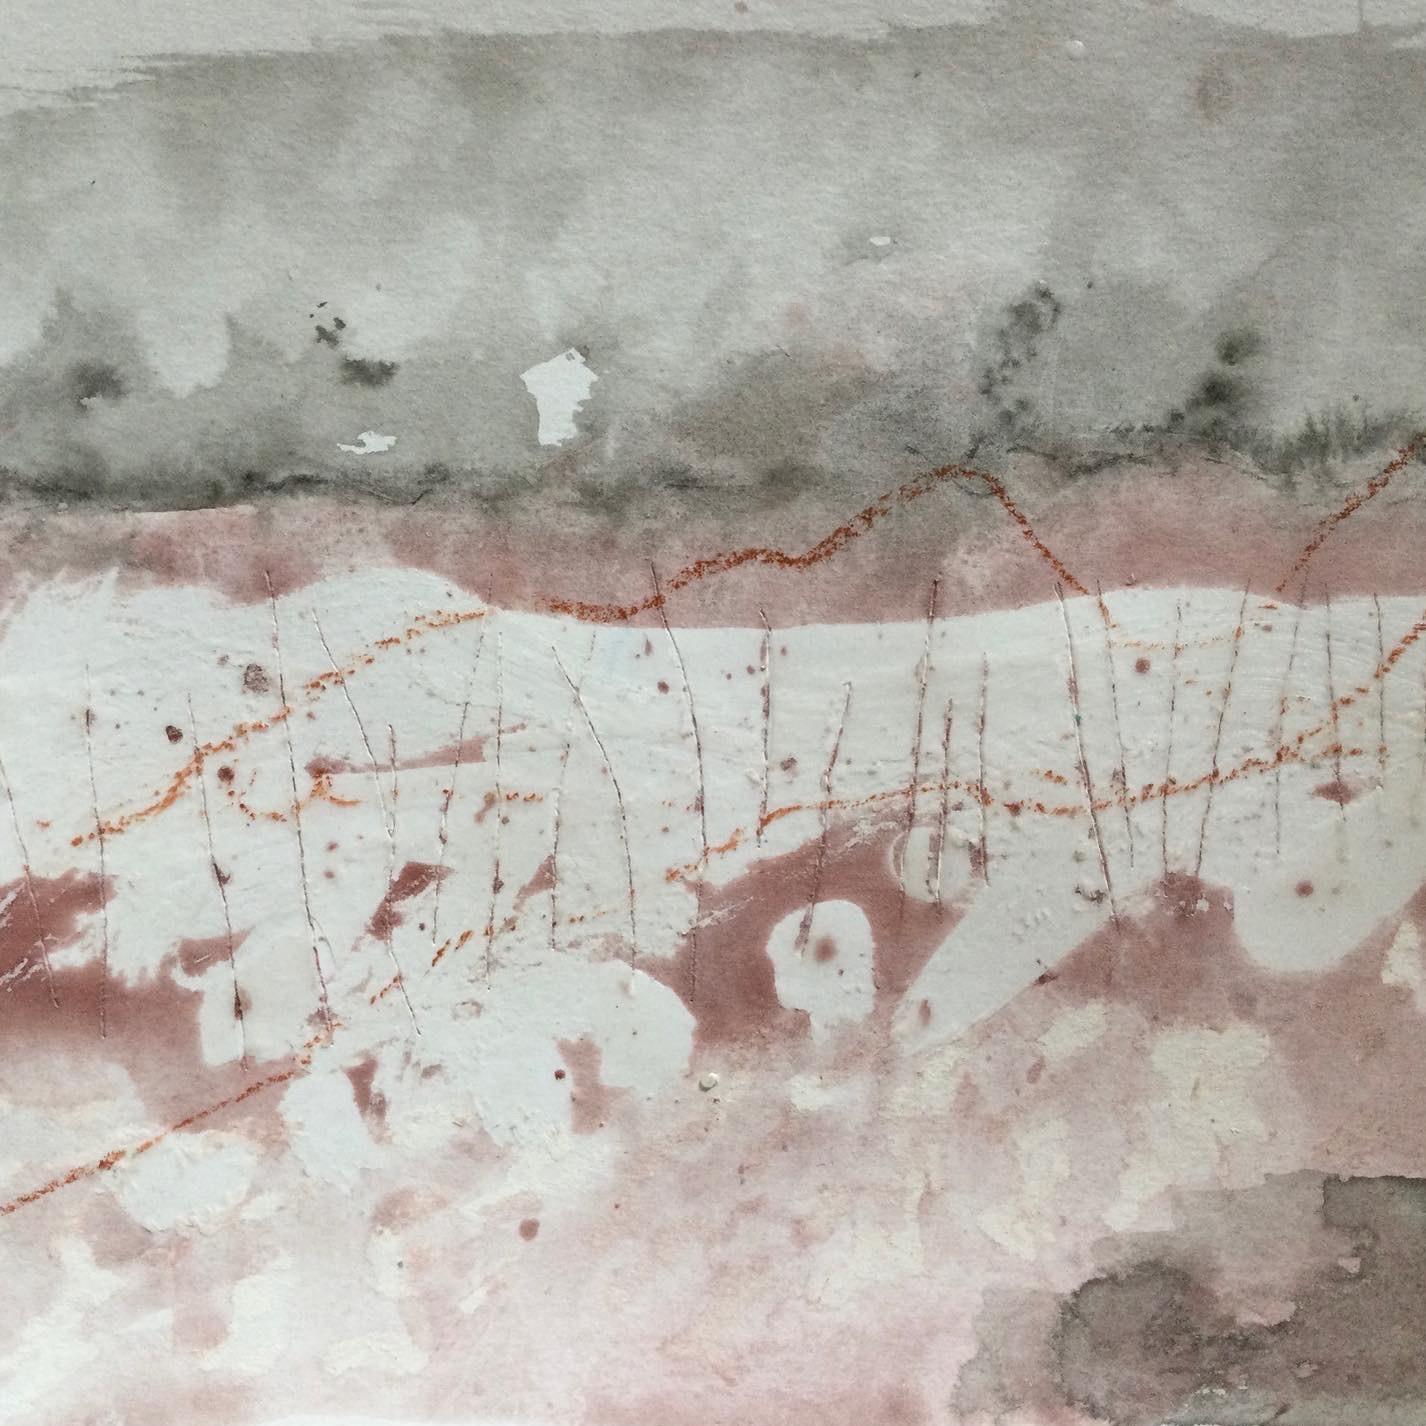 Kunst Gastblog van Mariëlle ten Berg